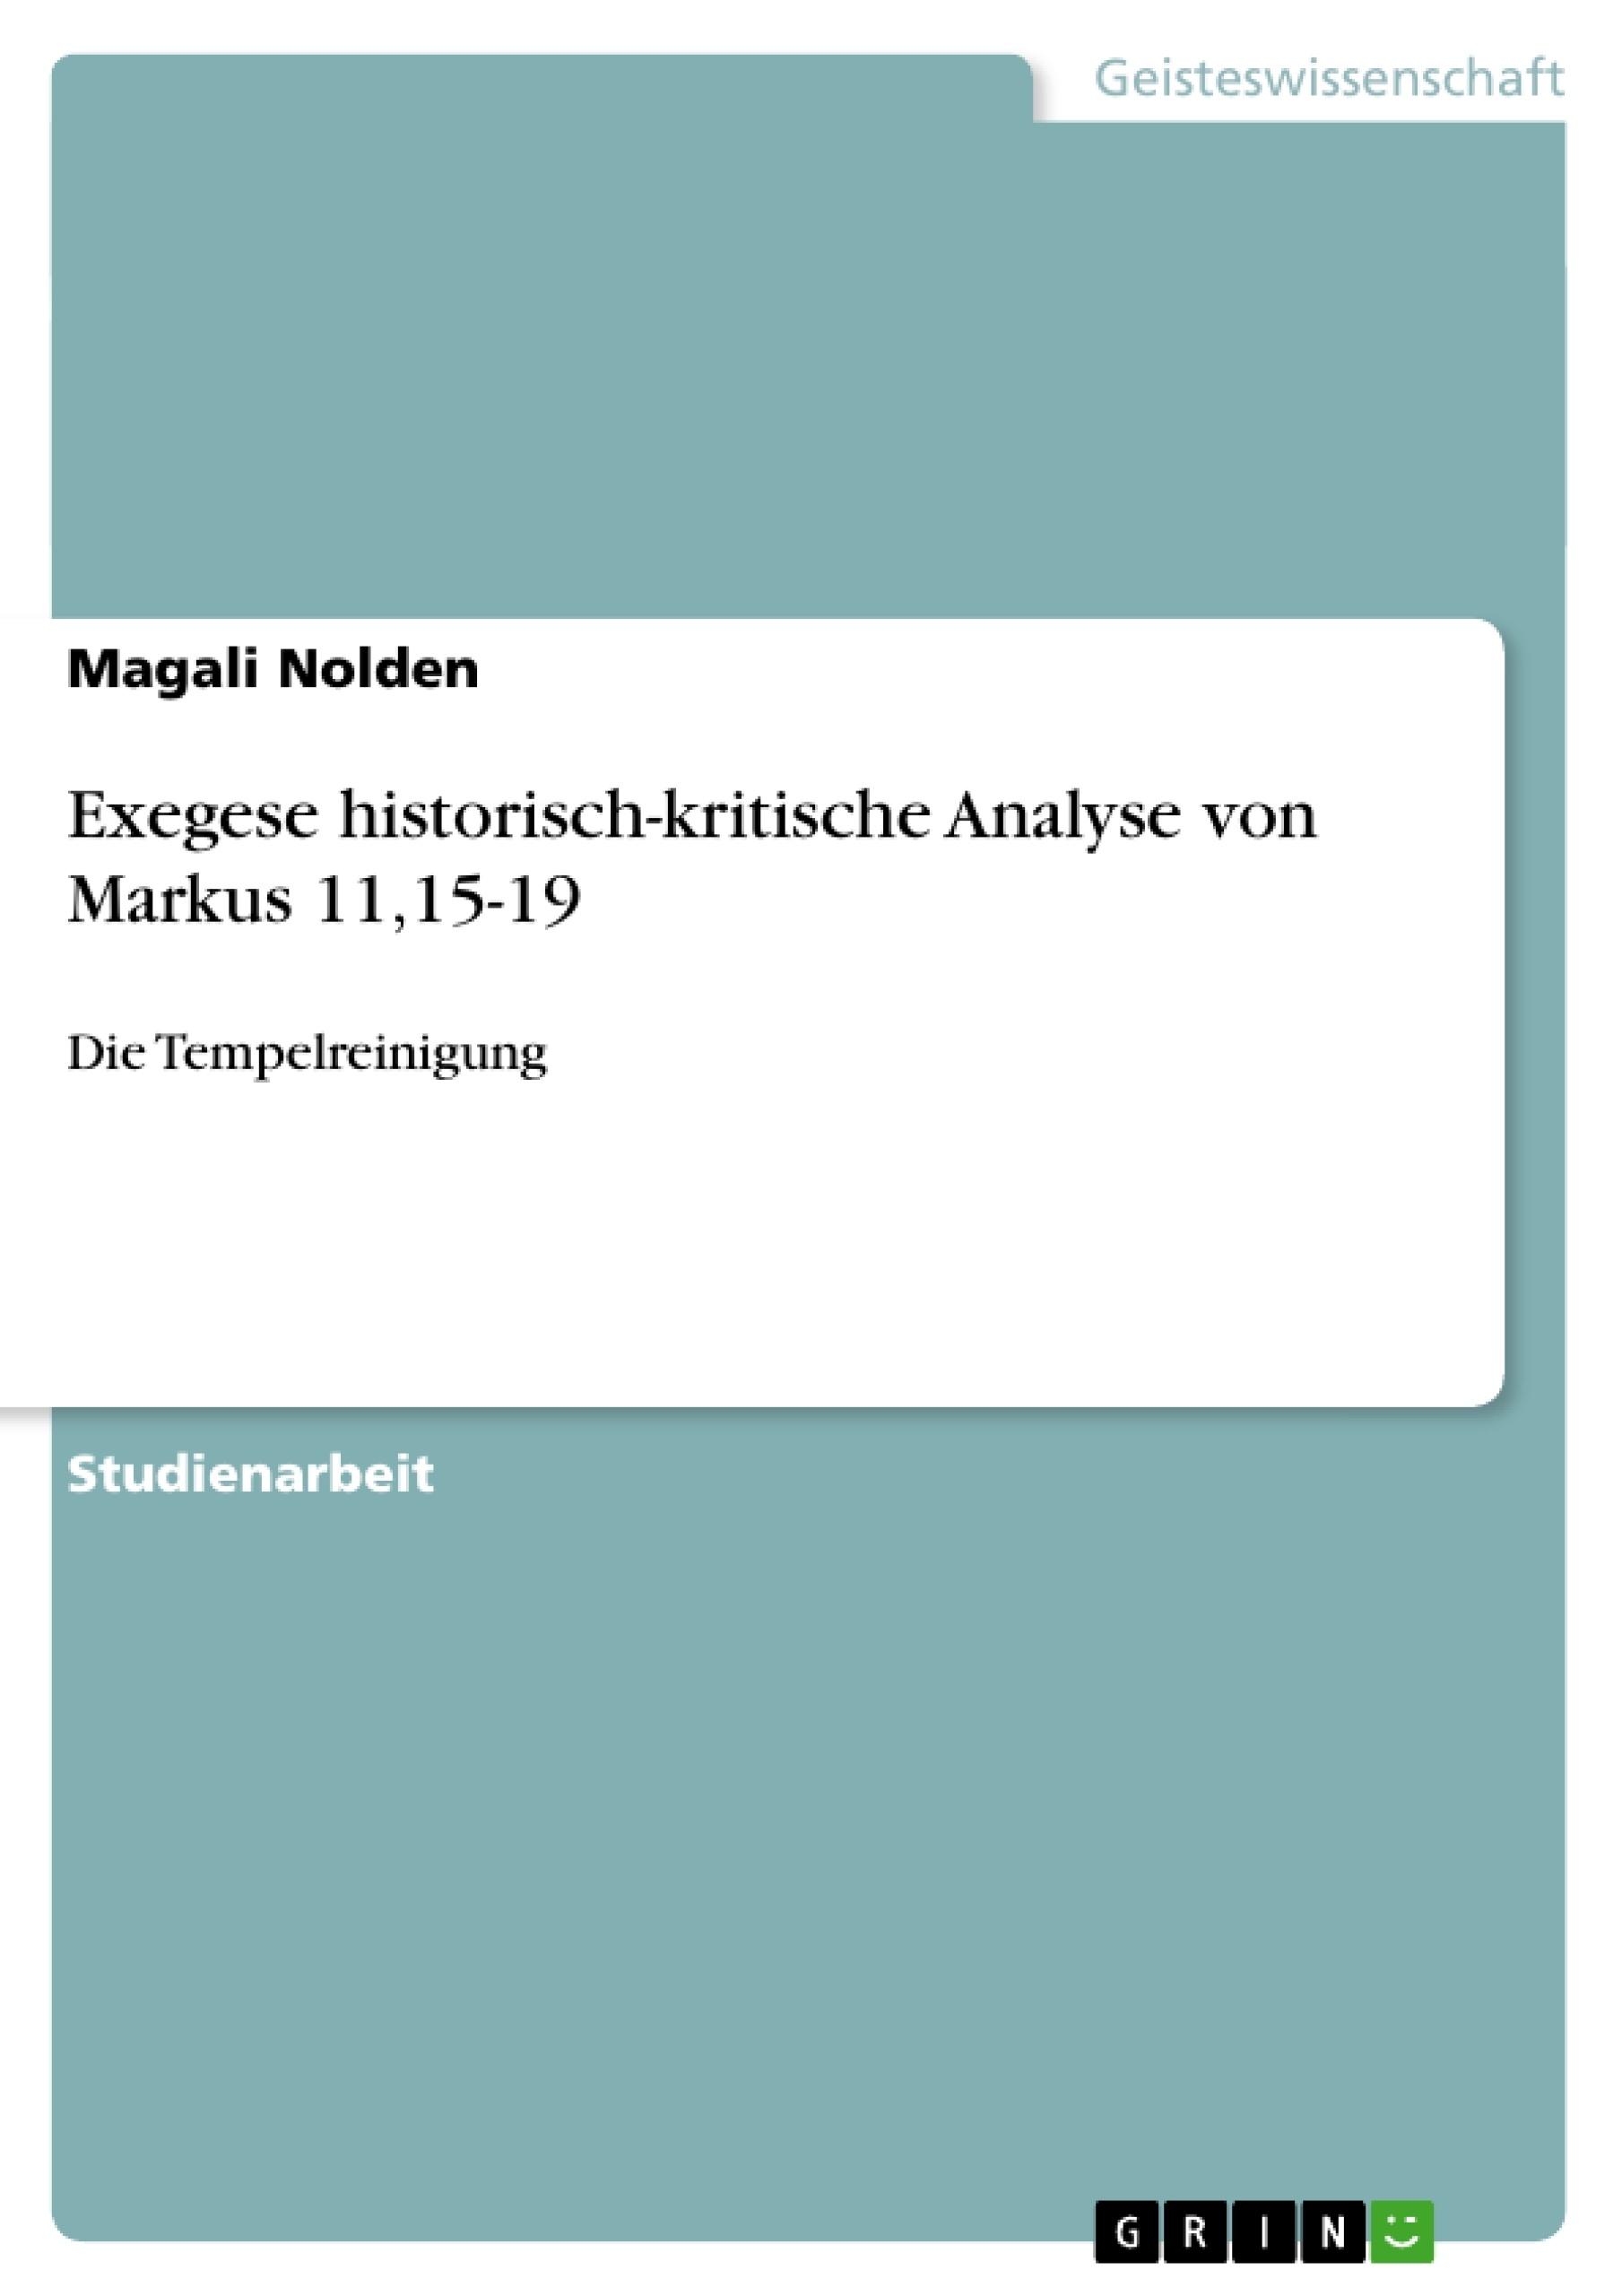 Titel: Exegese historisch-kritische Analyse von Markus 11,15-19